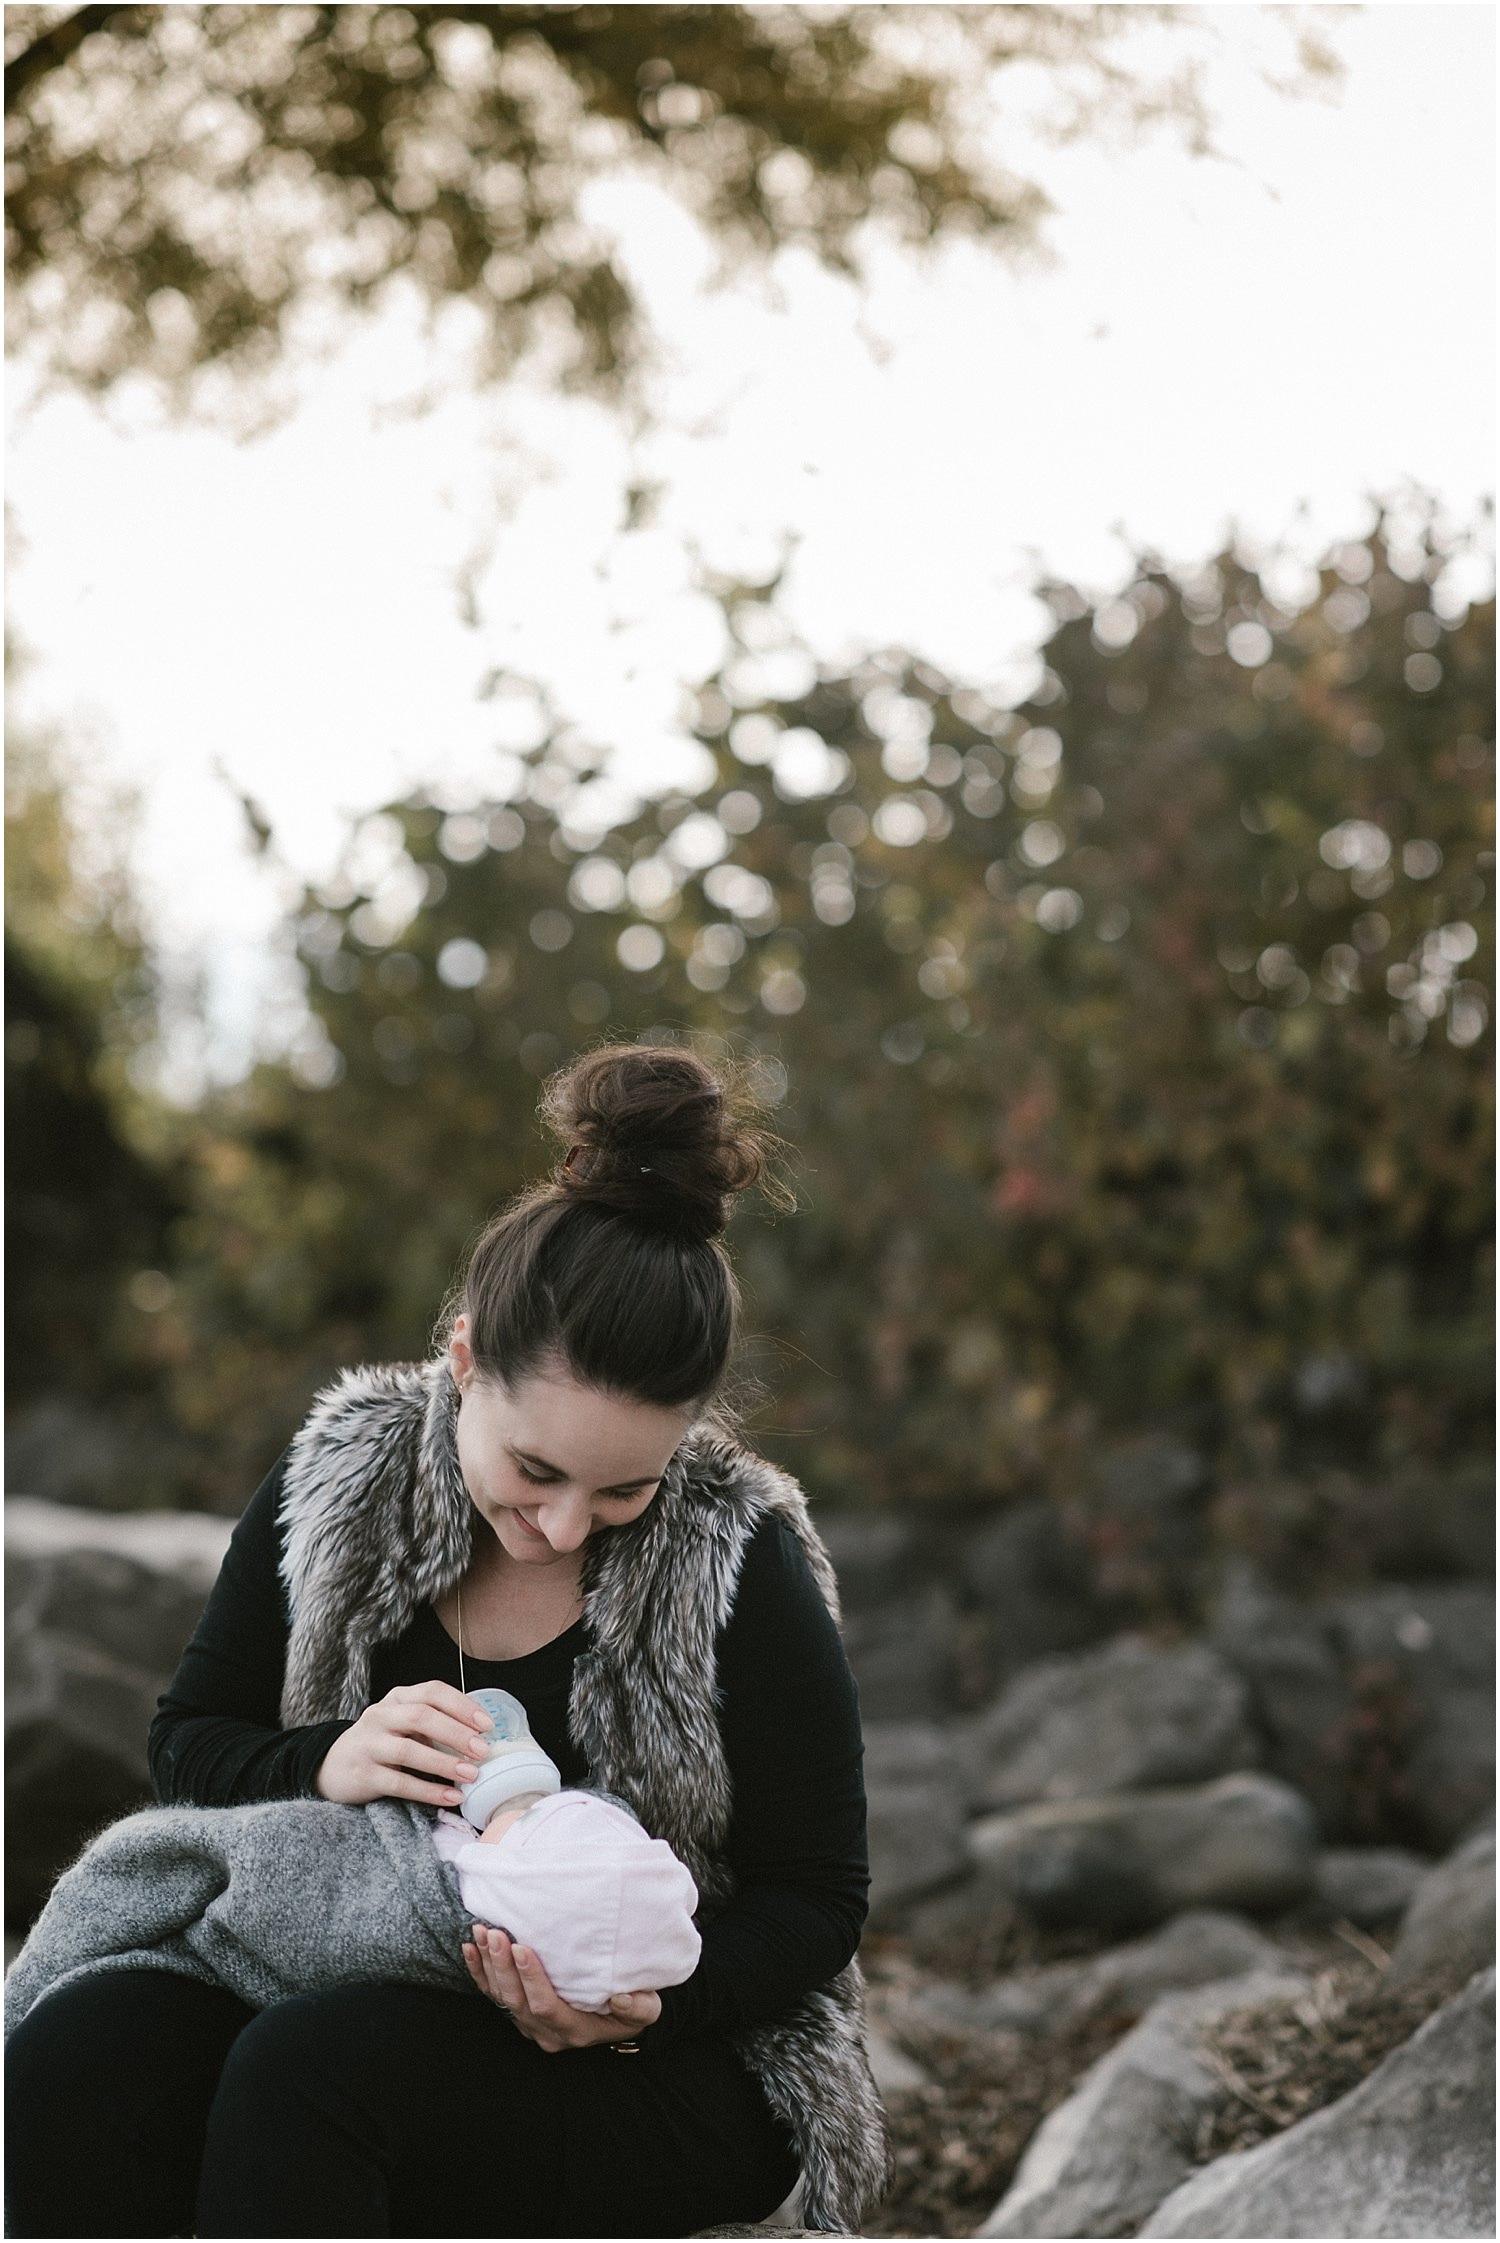 Lifestyle Baby Shooting, Natürliche Babybilder, Outdoor Babybilder, Outdoor Babyfotos, Babyfotos, Babybilder, Babyfotograf, Babyfotografie, Fotograf Schweiz, Fotograf Ostschweiz